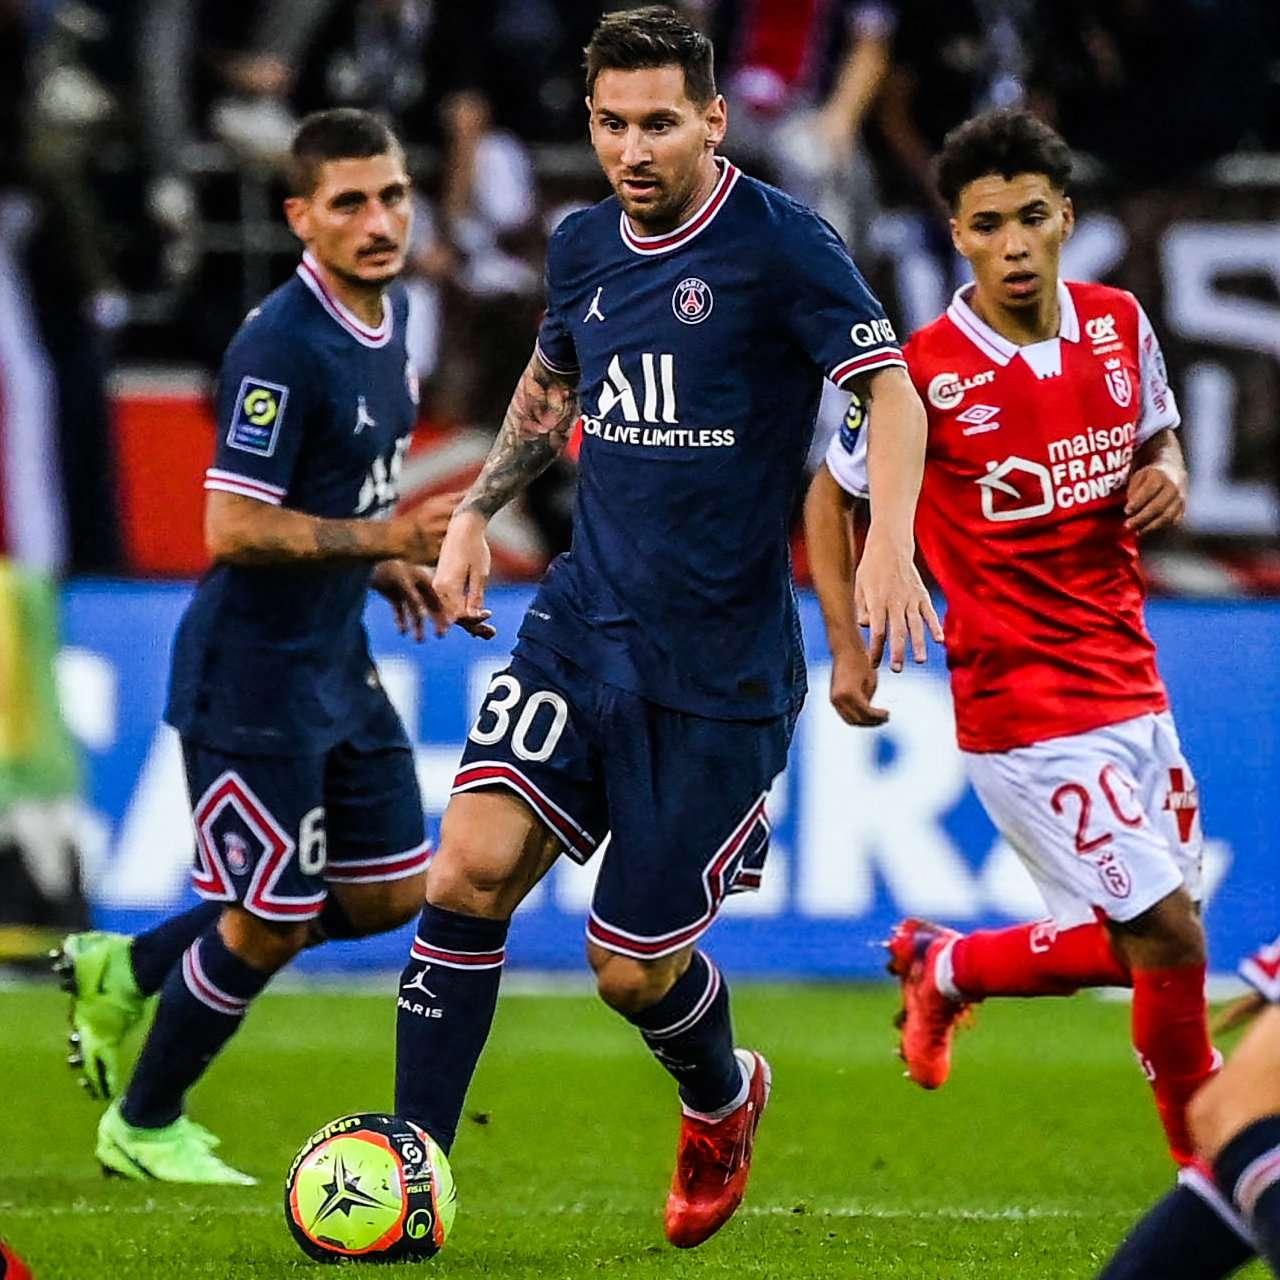 لحظة تاريخية.. ميسي يُسجل ظهوره الأول مع باريس